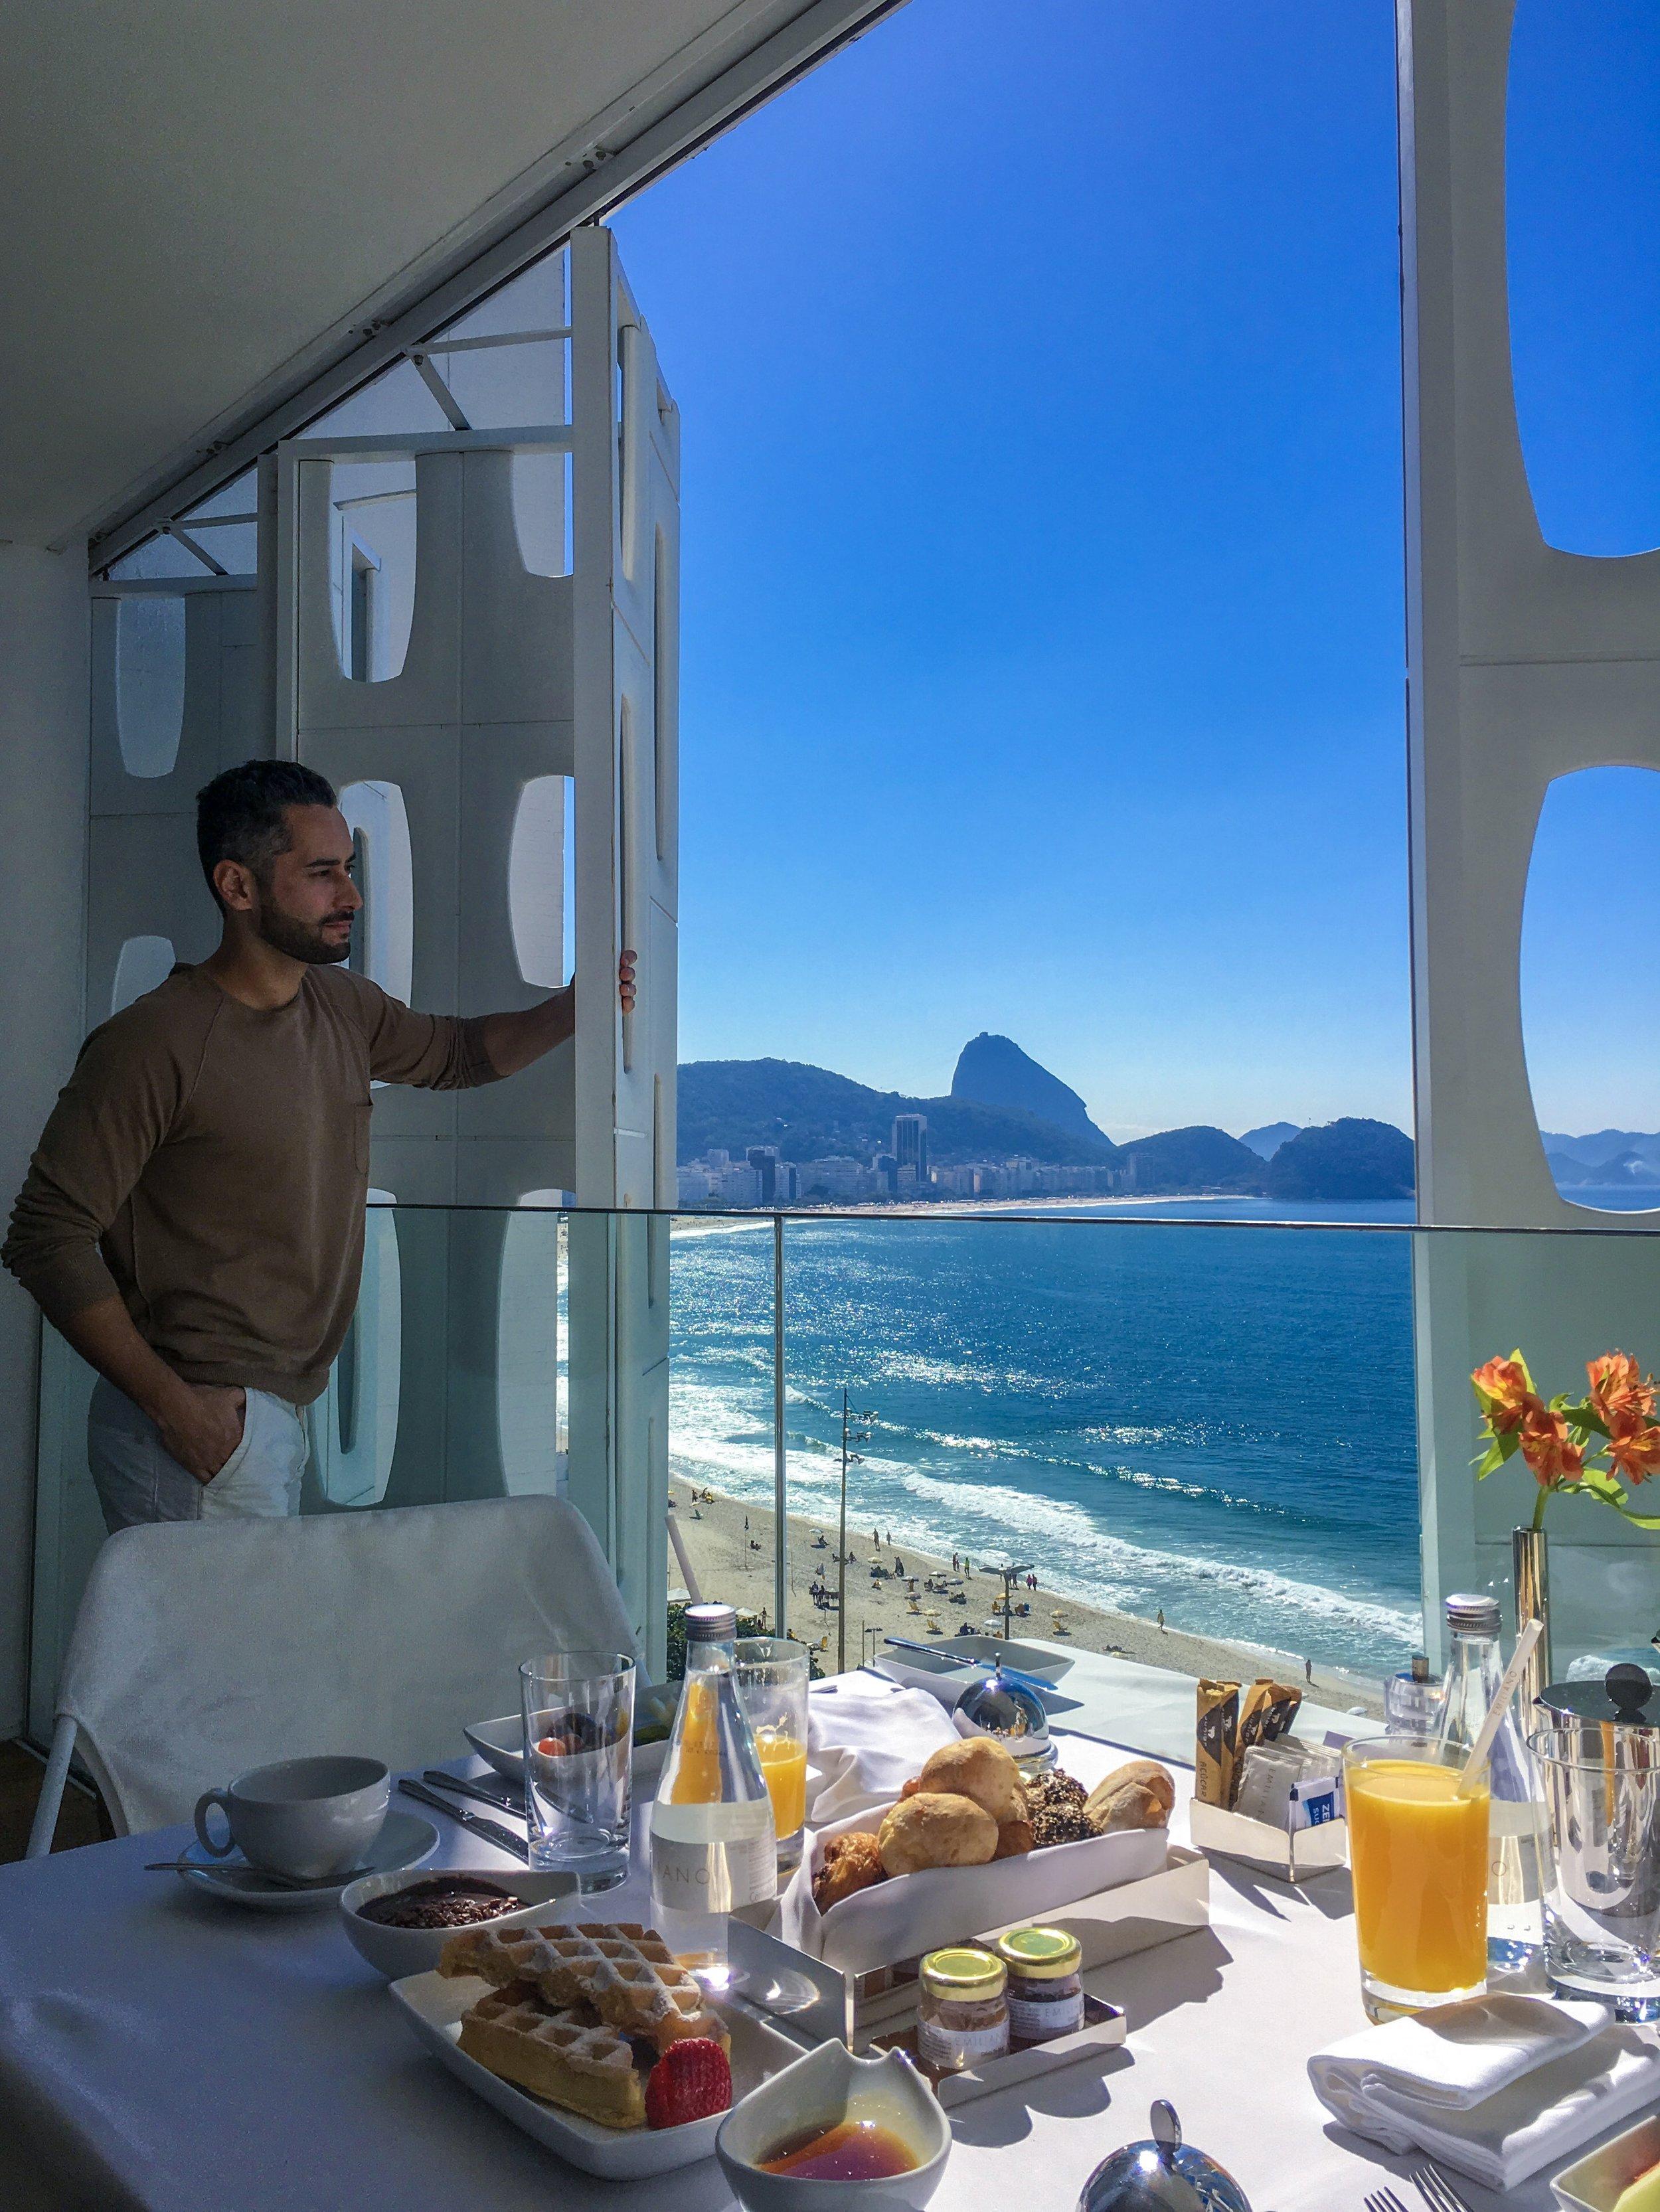 O mais novo hotel de luxo do Rio de Janeiro, o Emiliano Rio, fica no Posto 6 em Copacabana. Super bem localizado, ele traz uma nova opção culinária para a cidade; o restaurante Emile com menu que valoriza produtos locais e orgânicos.